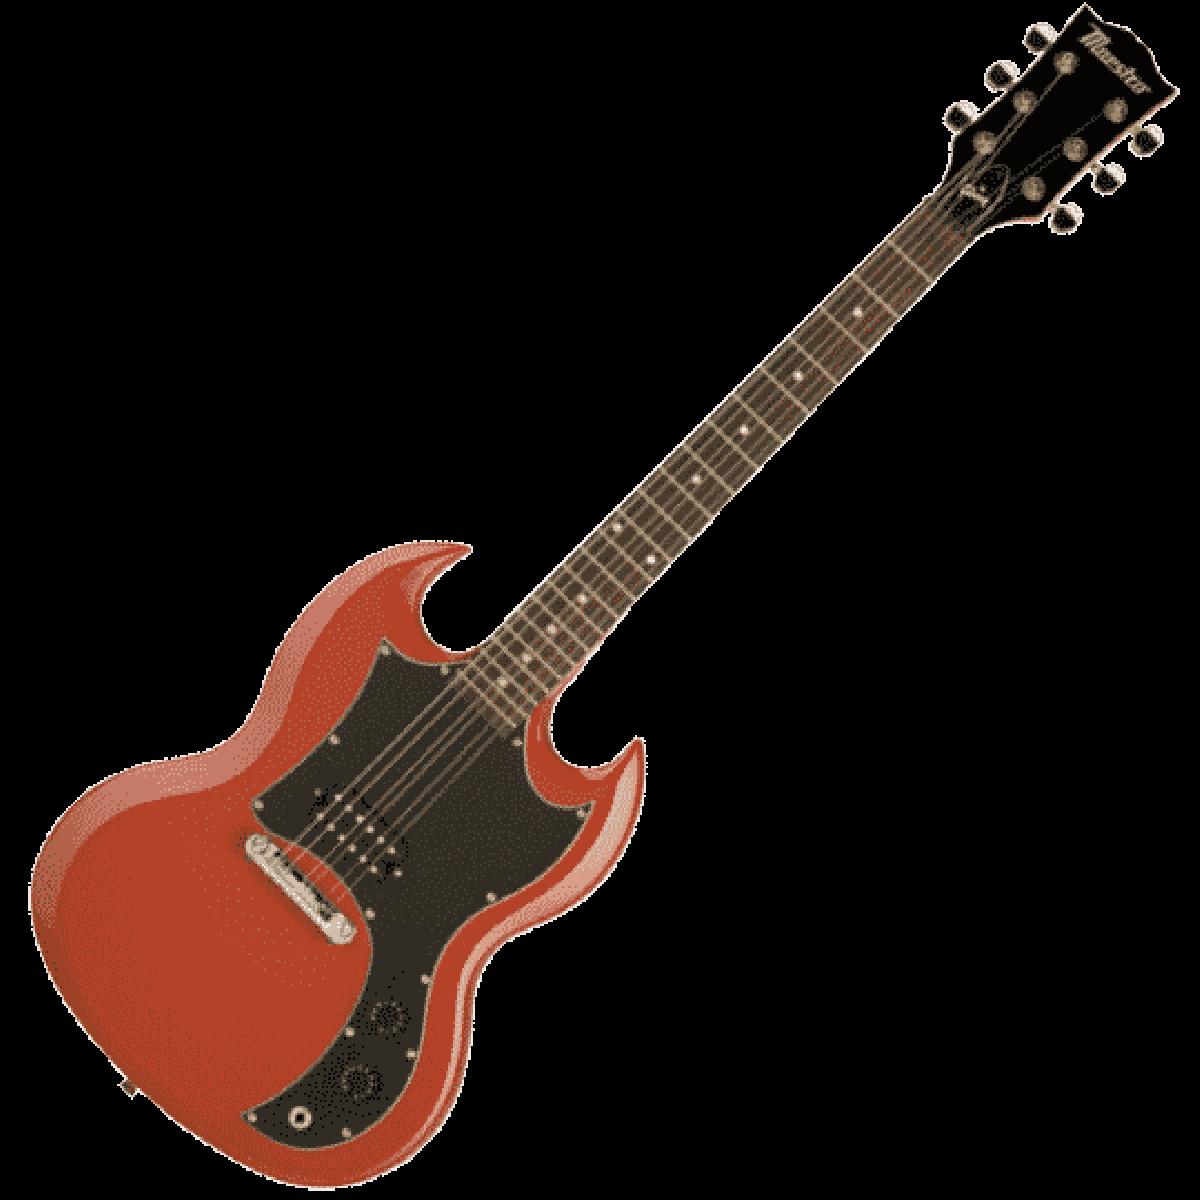 Guitarra SG Maestro by Gibson /Seminovo - Guitarra - Produtos